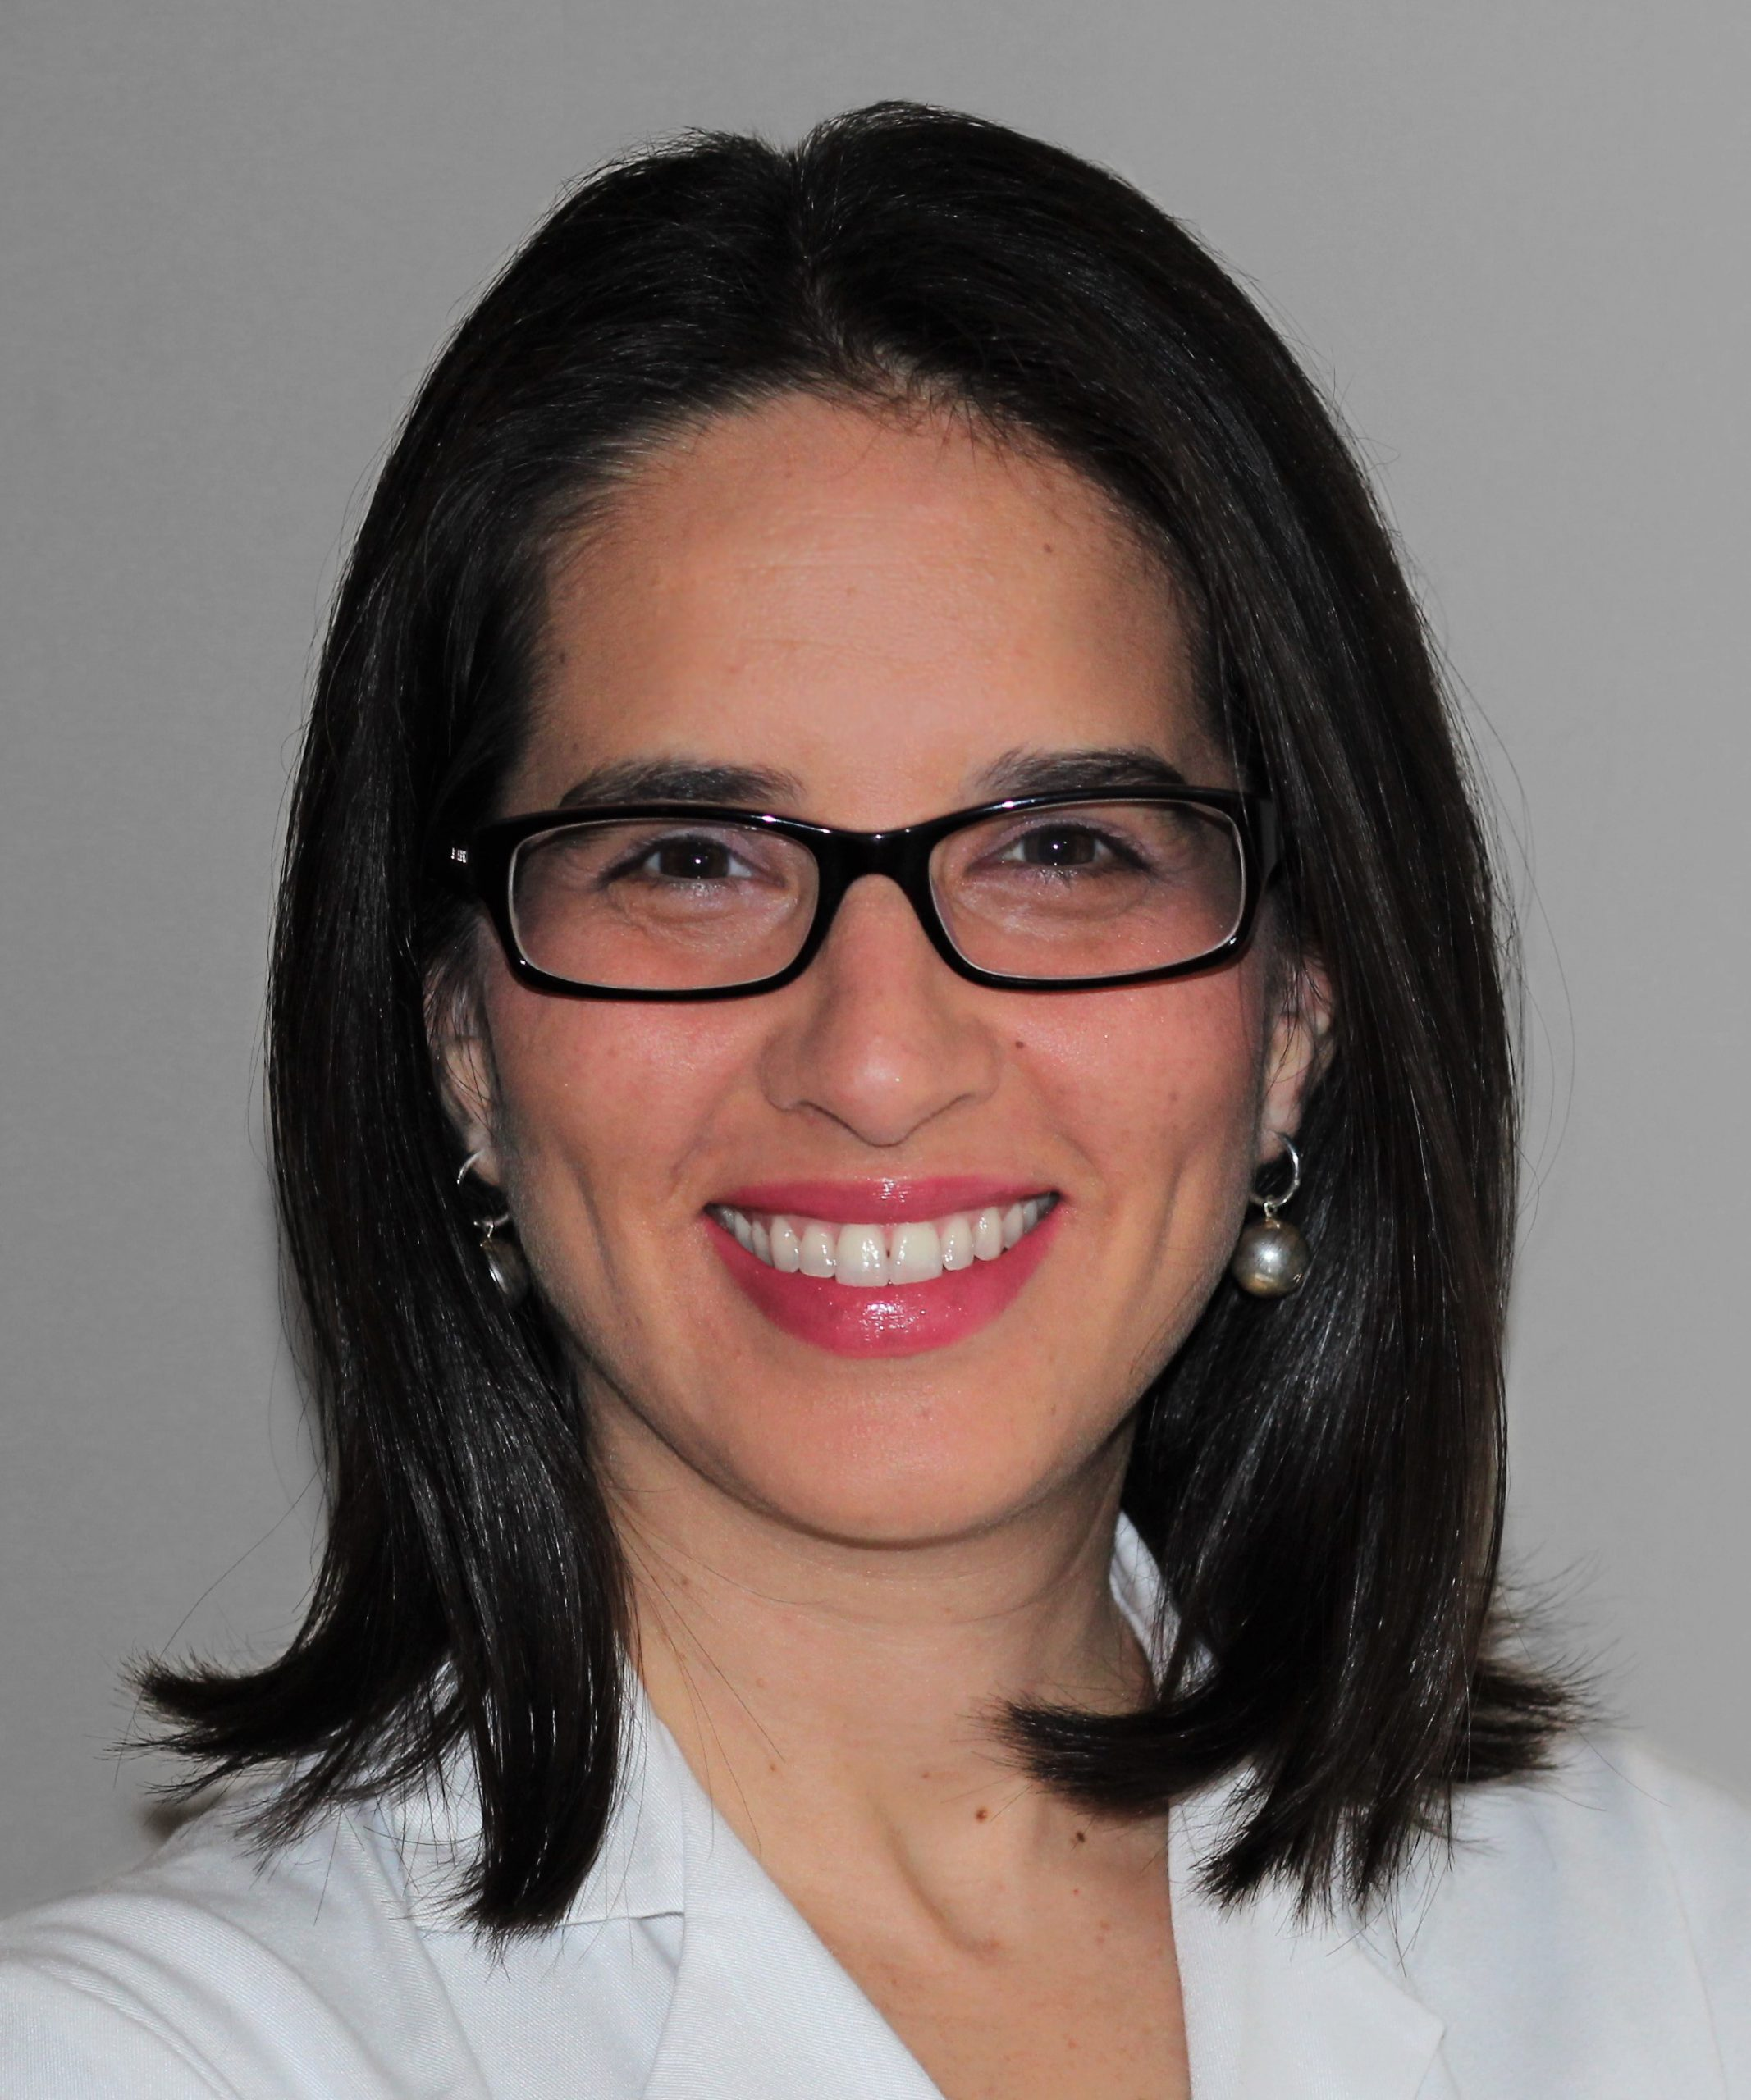 Irene Cano Pumarega